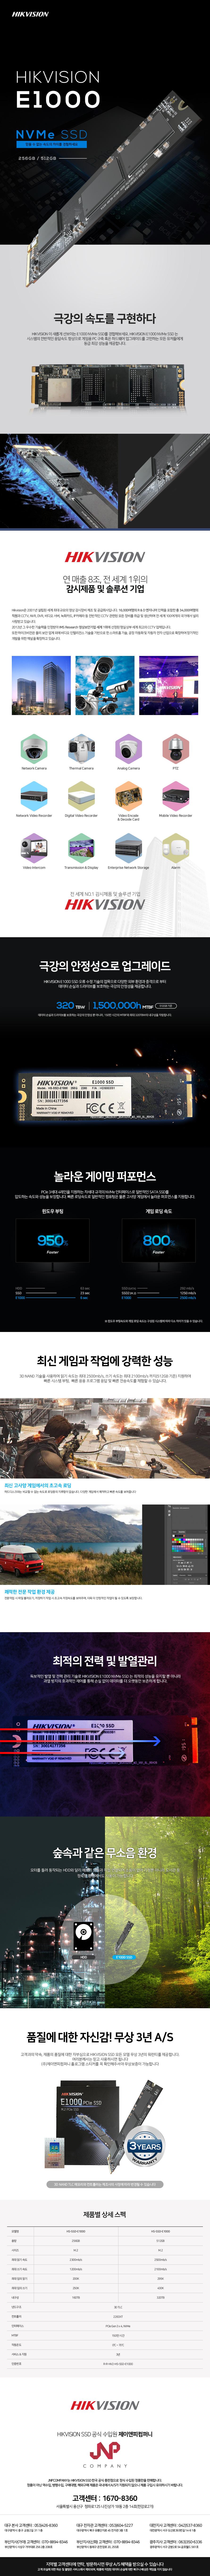 HIKVISION E1000 M.2 NVMe (512GB)